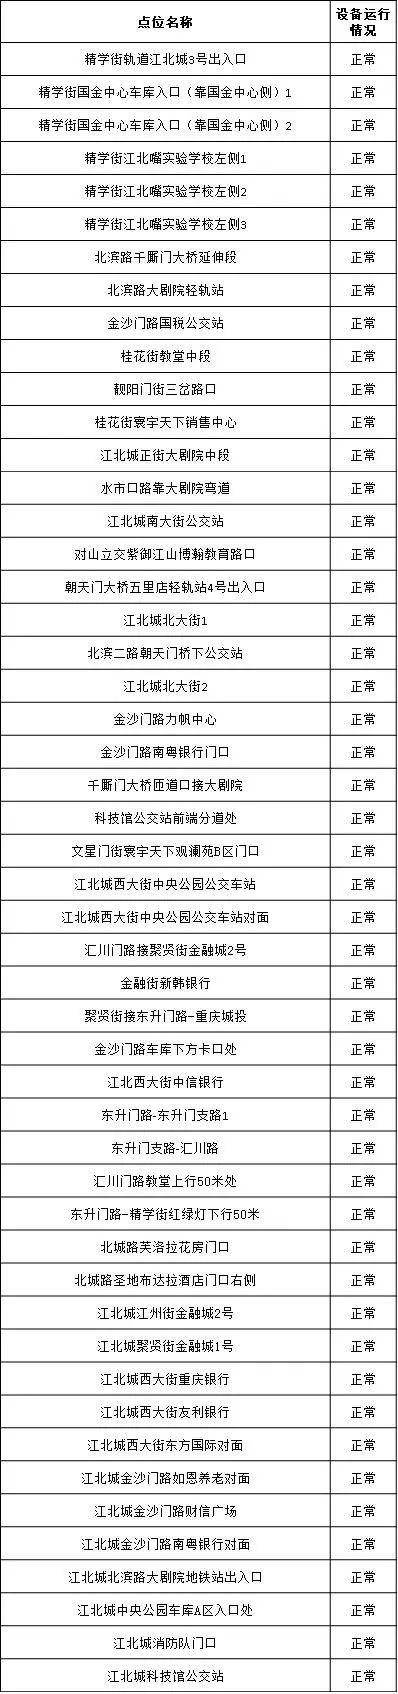 重庆江北新增176处电子眼